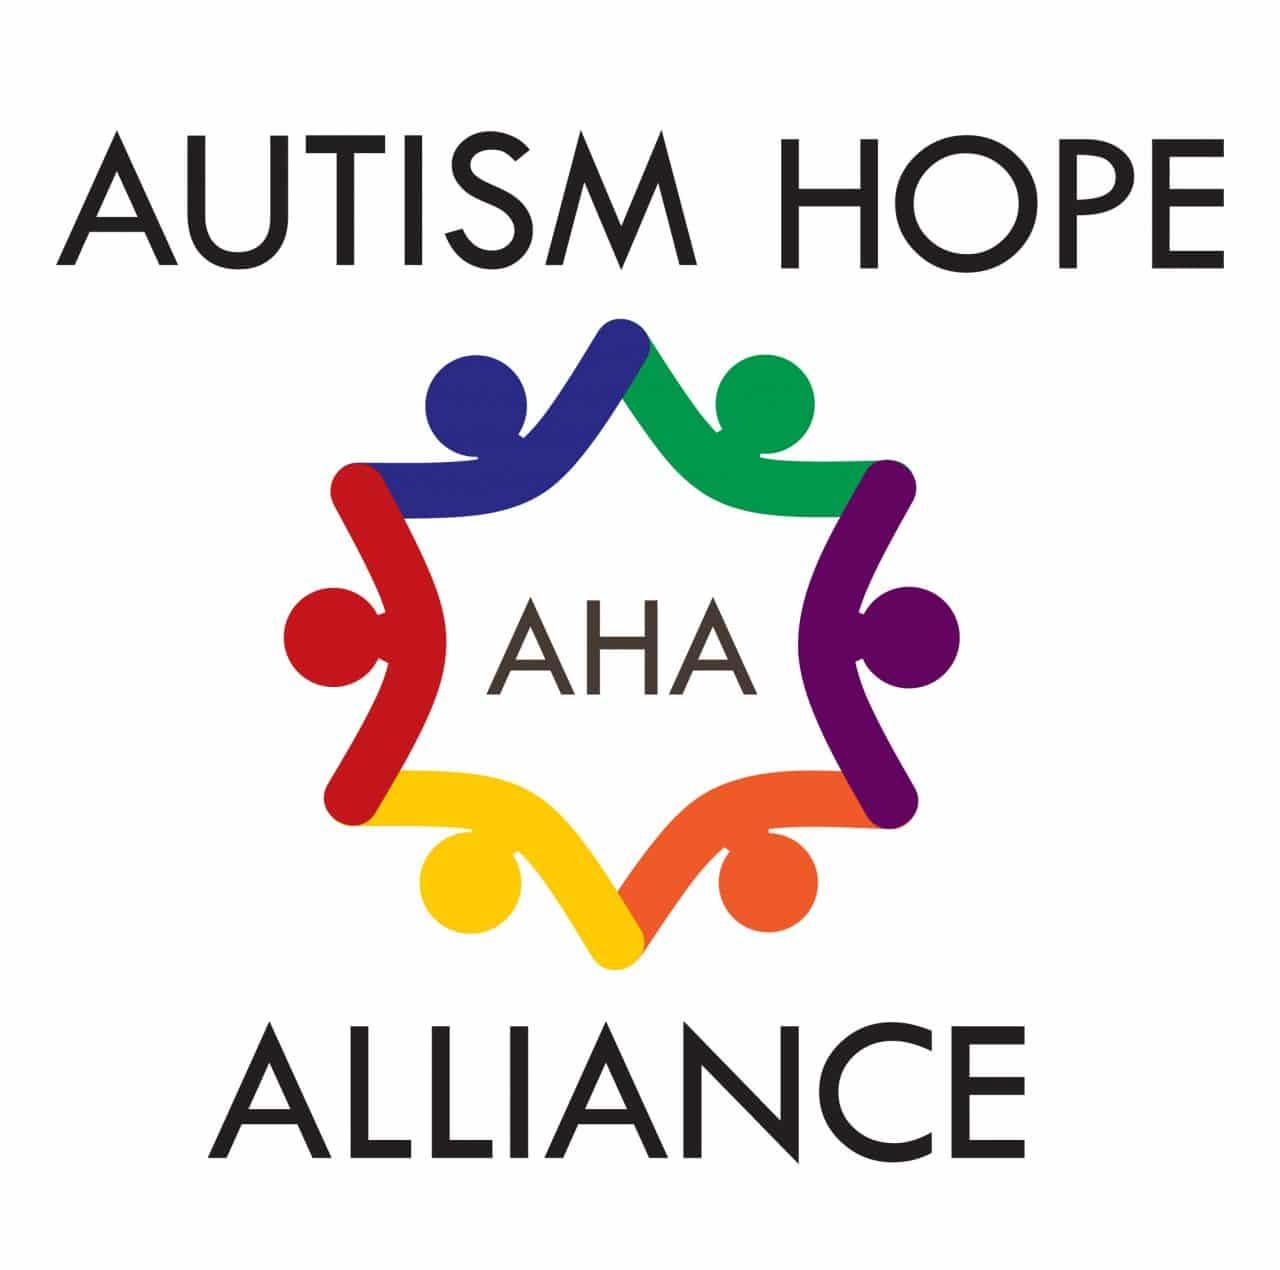 Pressroom Autism Hope Alliance